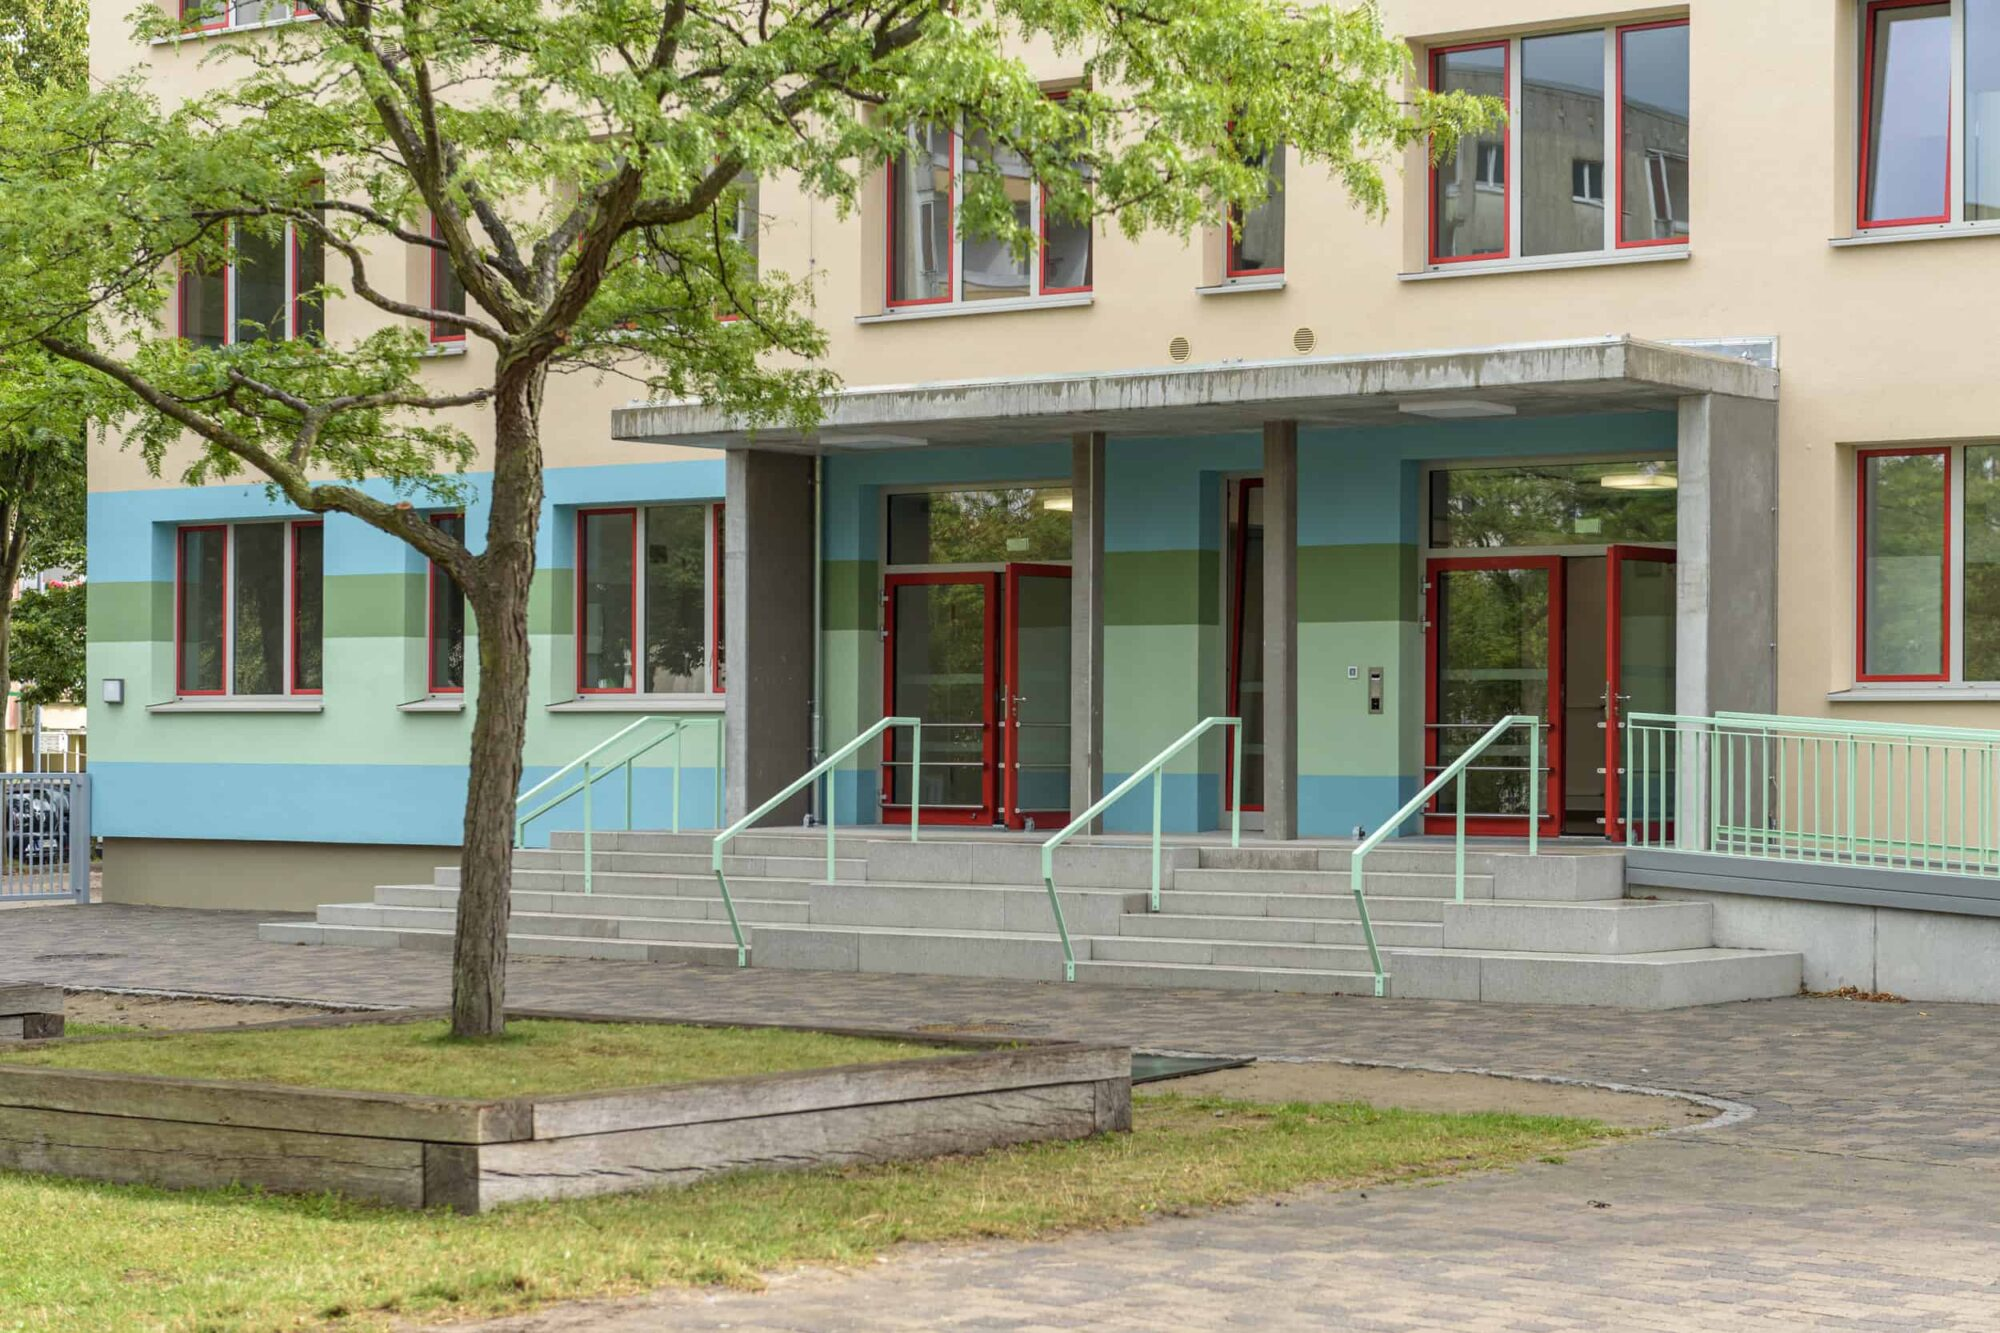 Ferdinand von Schill Grundschule Stralsund - Detail Eingang